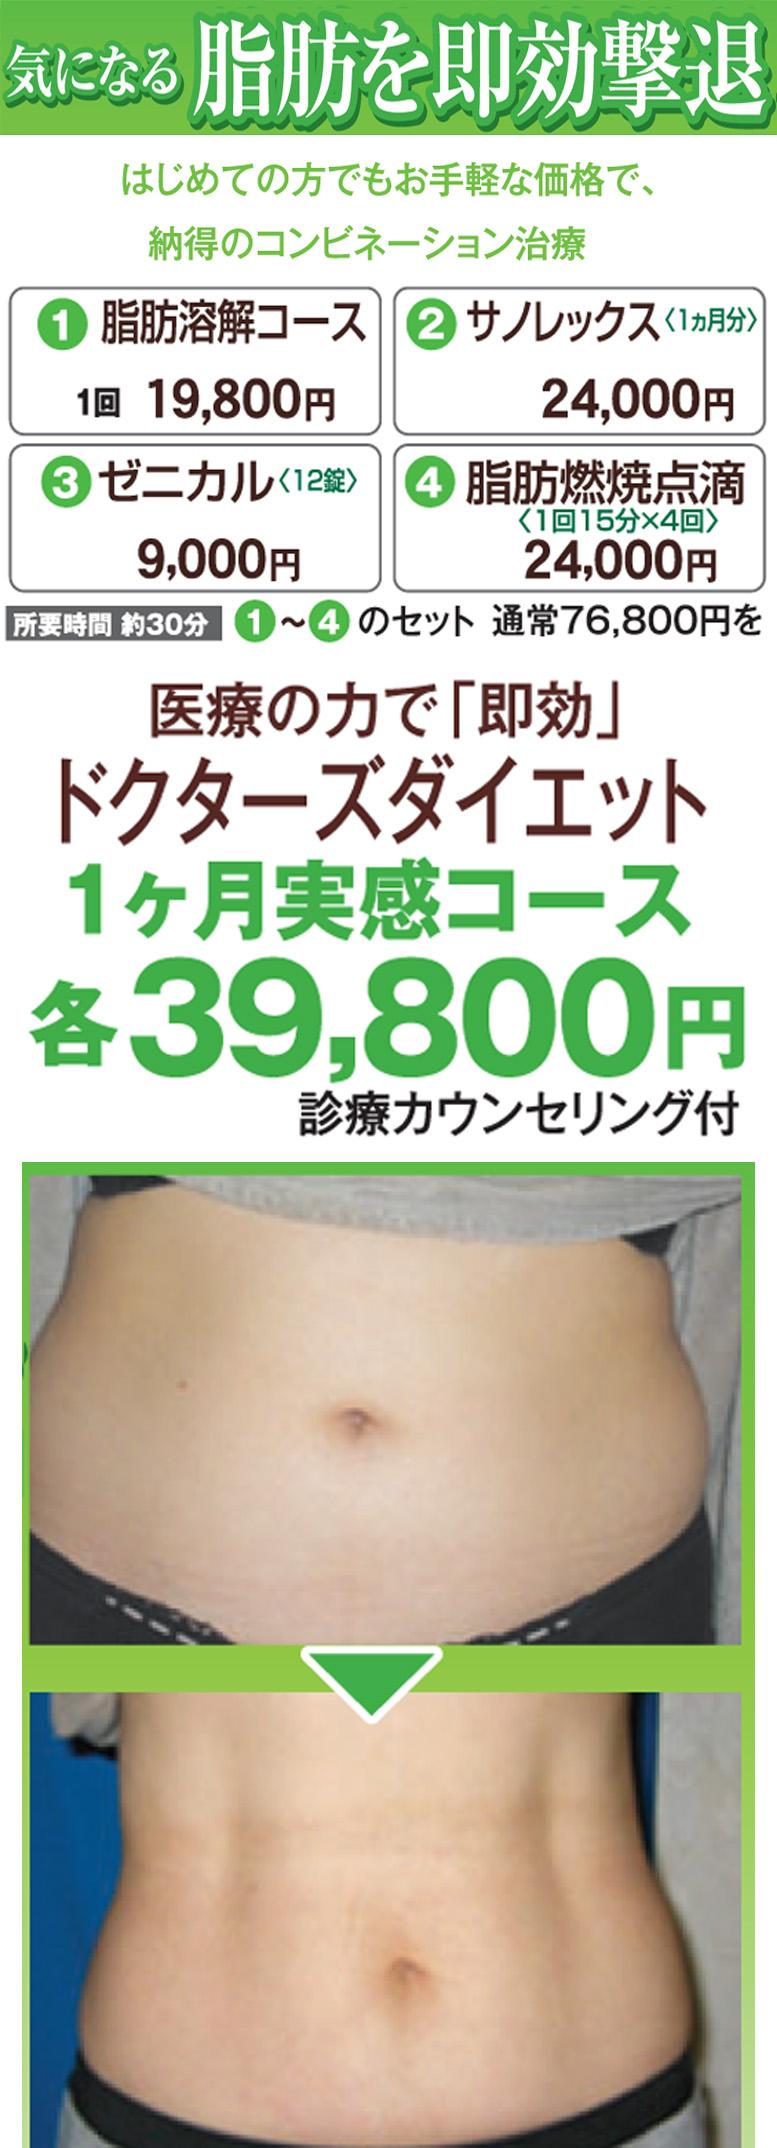 1ヶ月ダイエット1.jpg